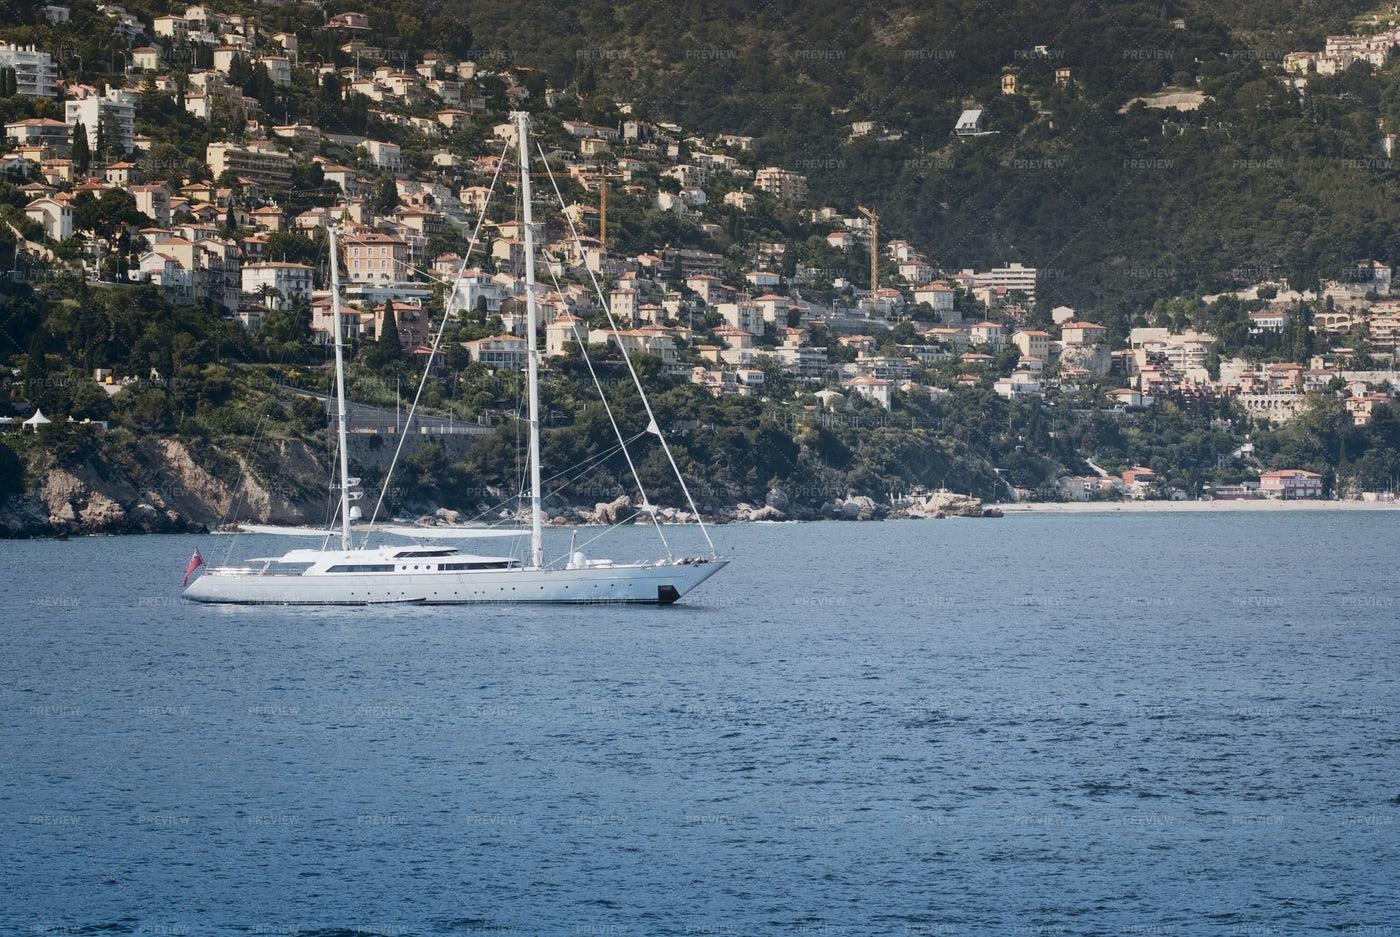 Large Luxury Sailboat Anchored: Stock Photos